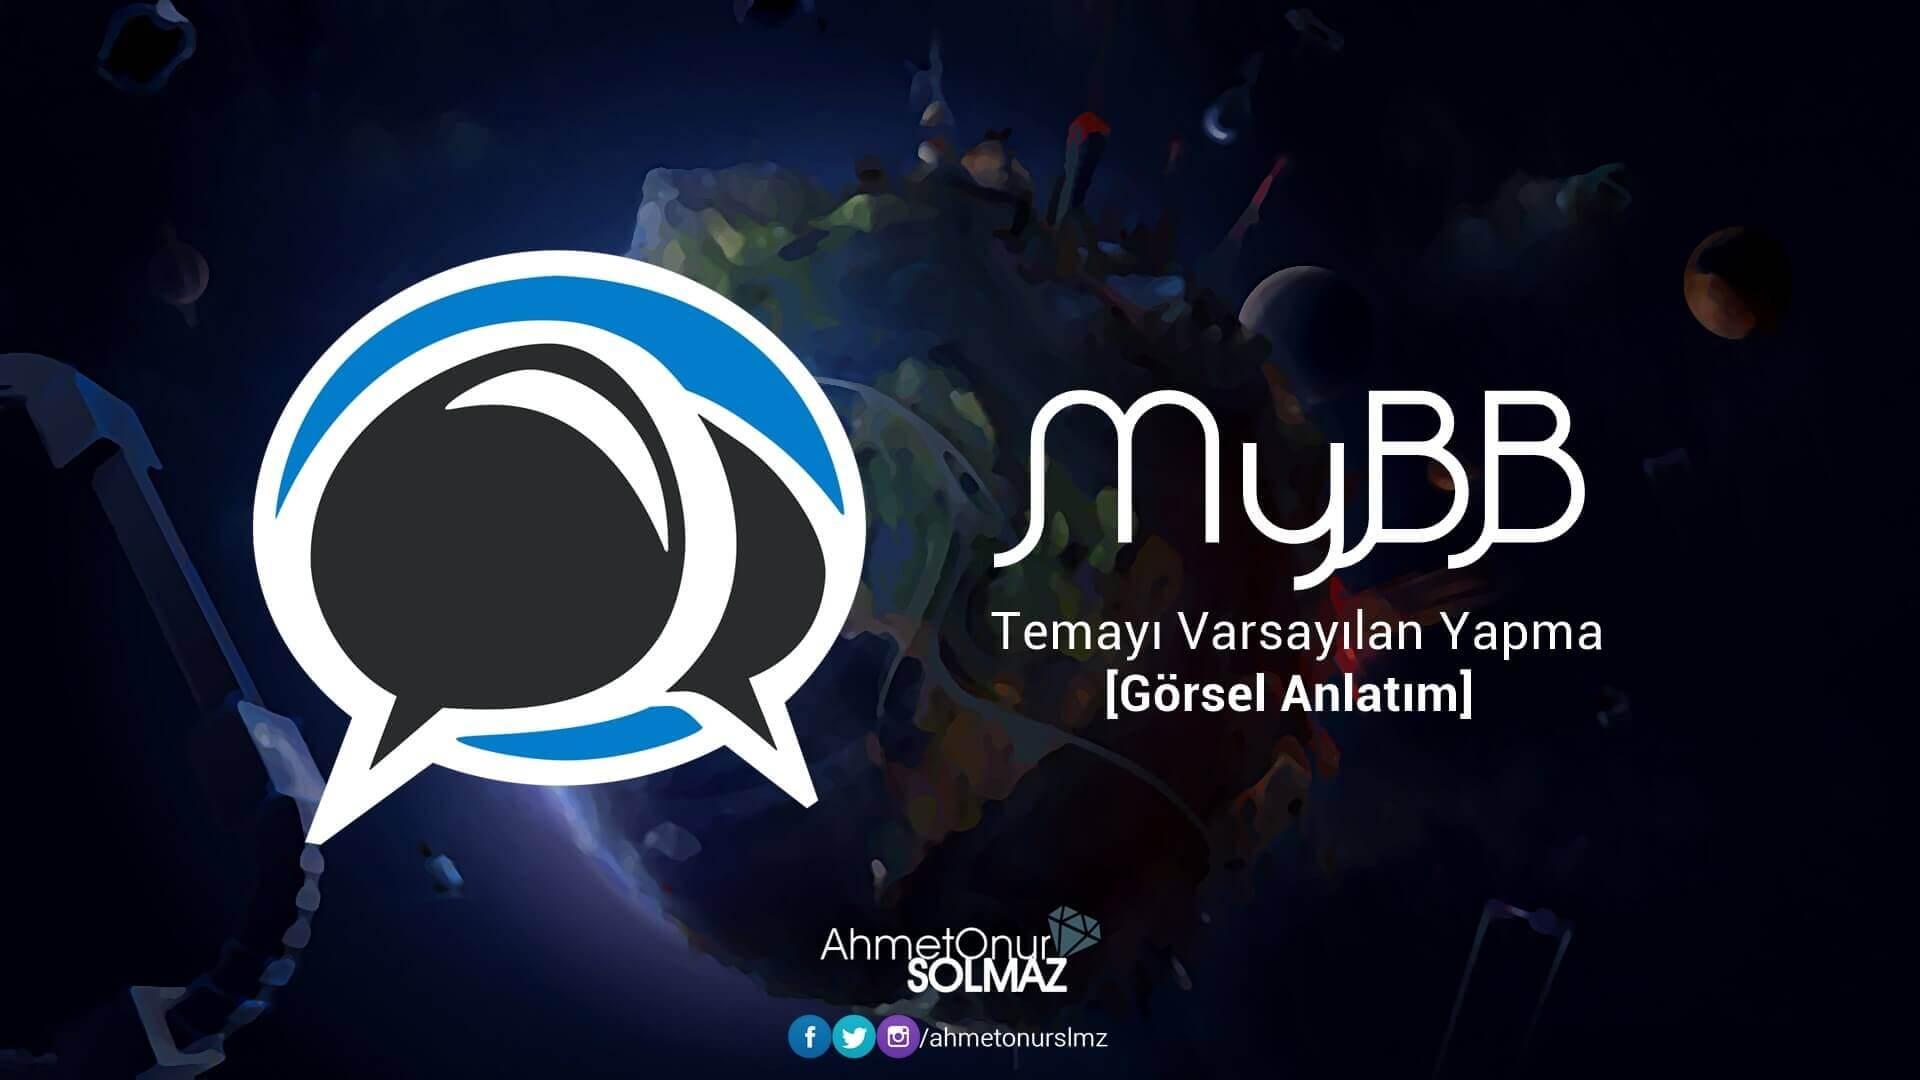 MyBB Temayı Varsayılan Yapma